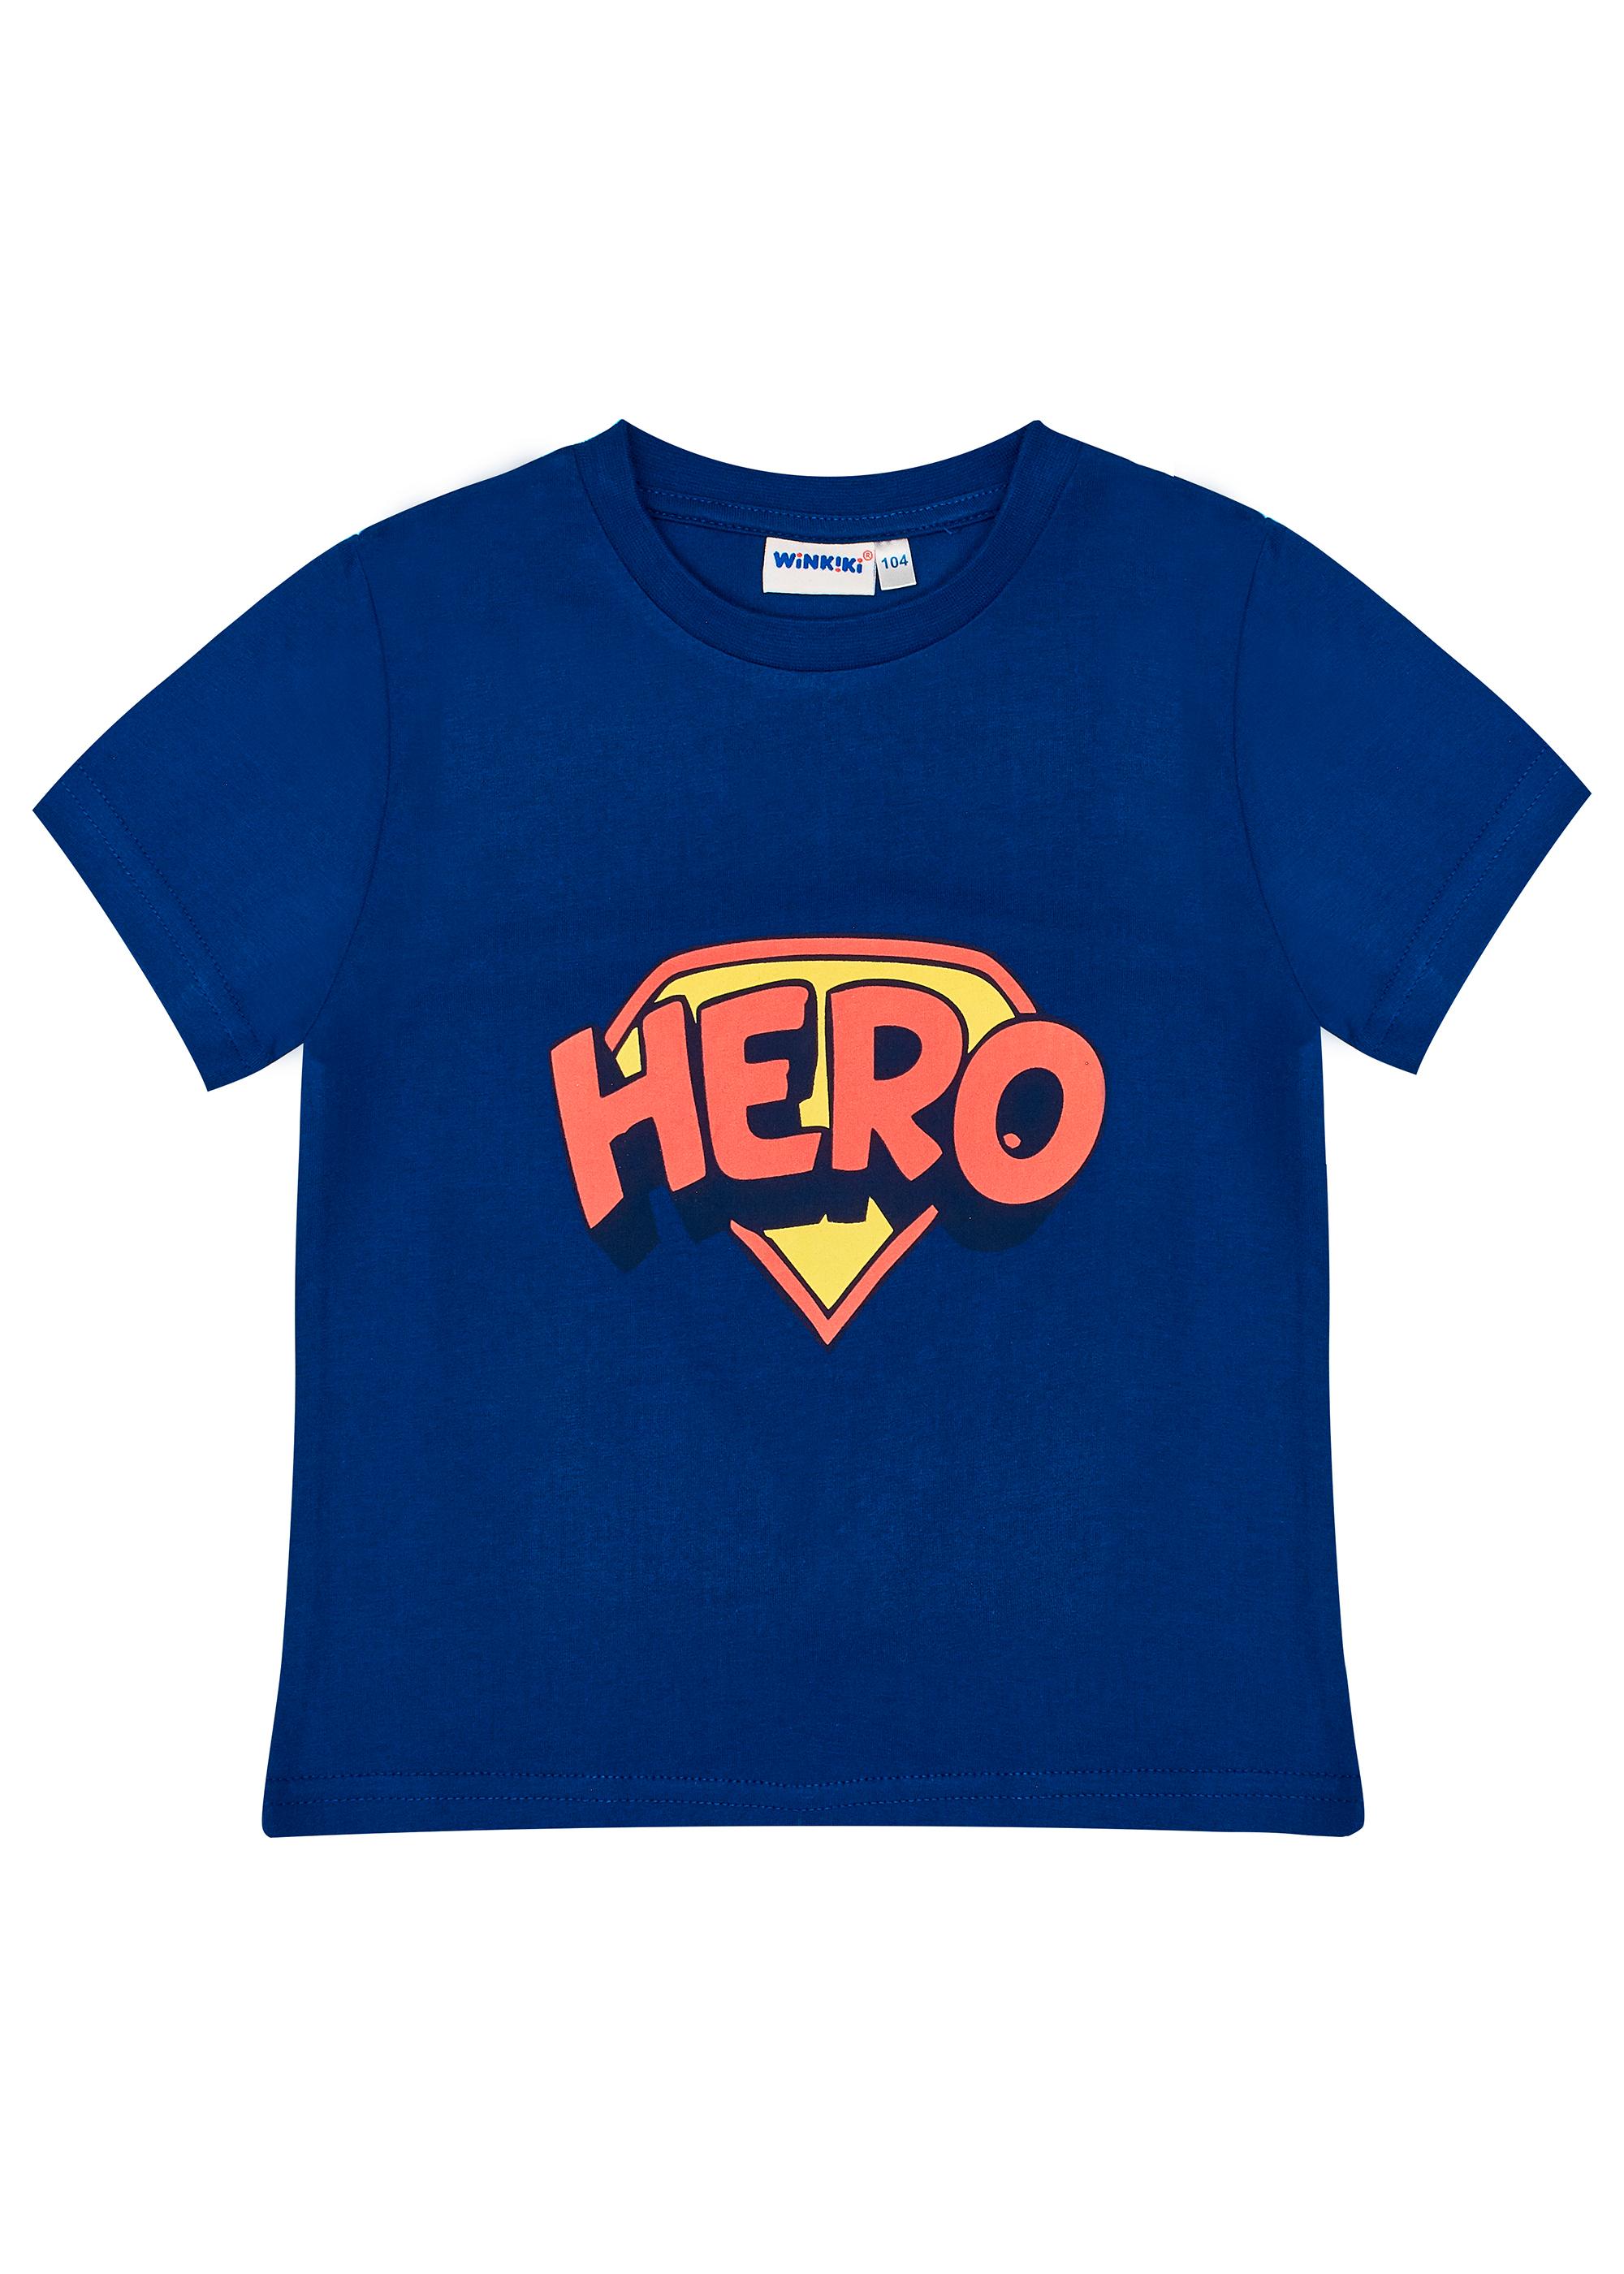 Chlapecké tričko Hero - Navy Navy